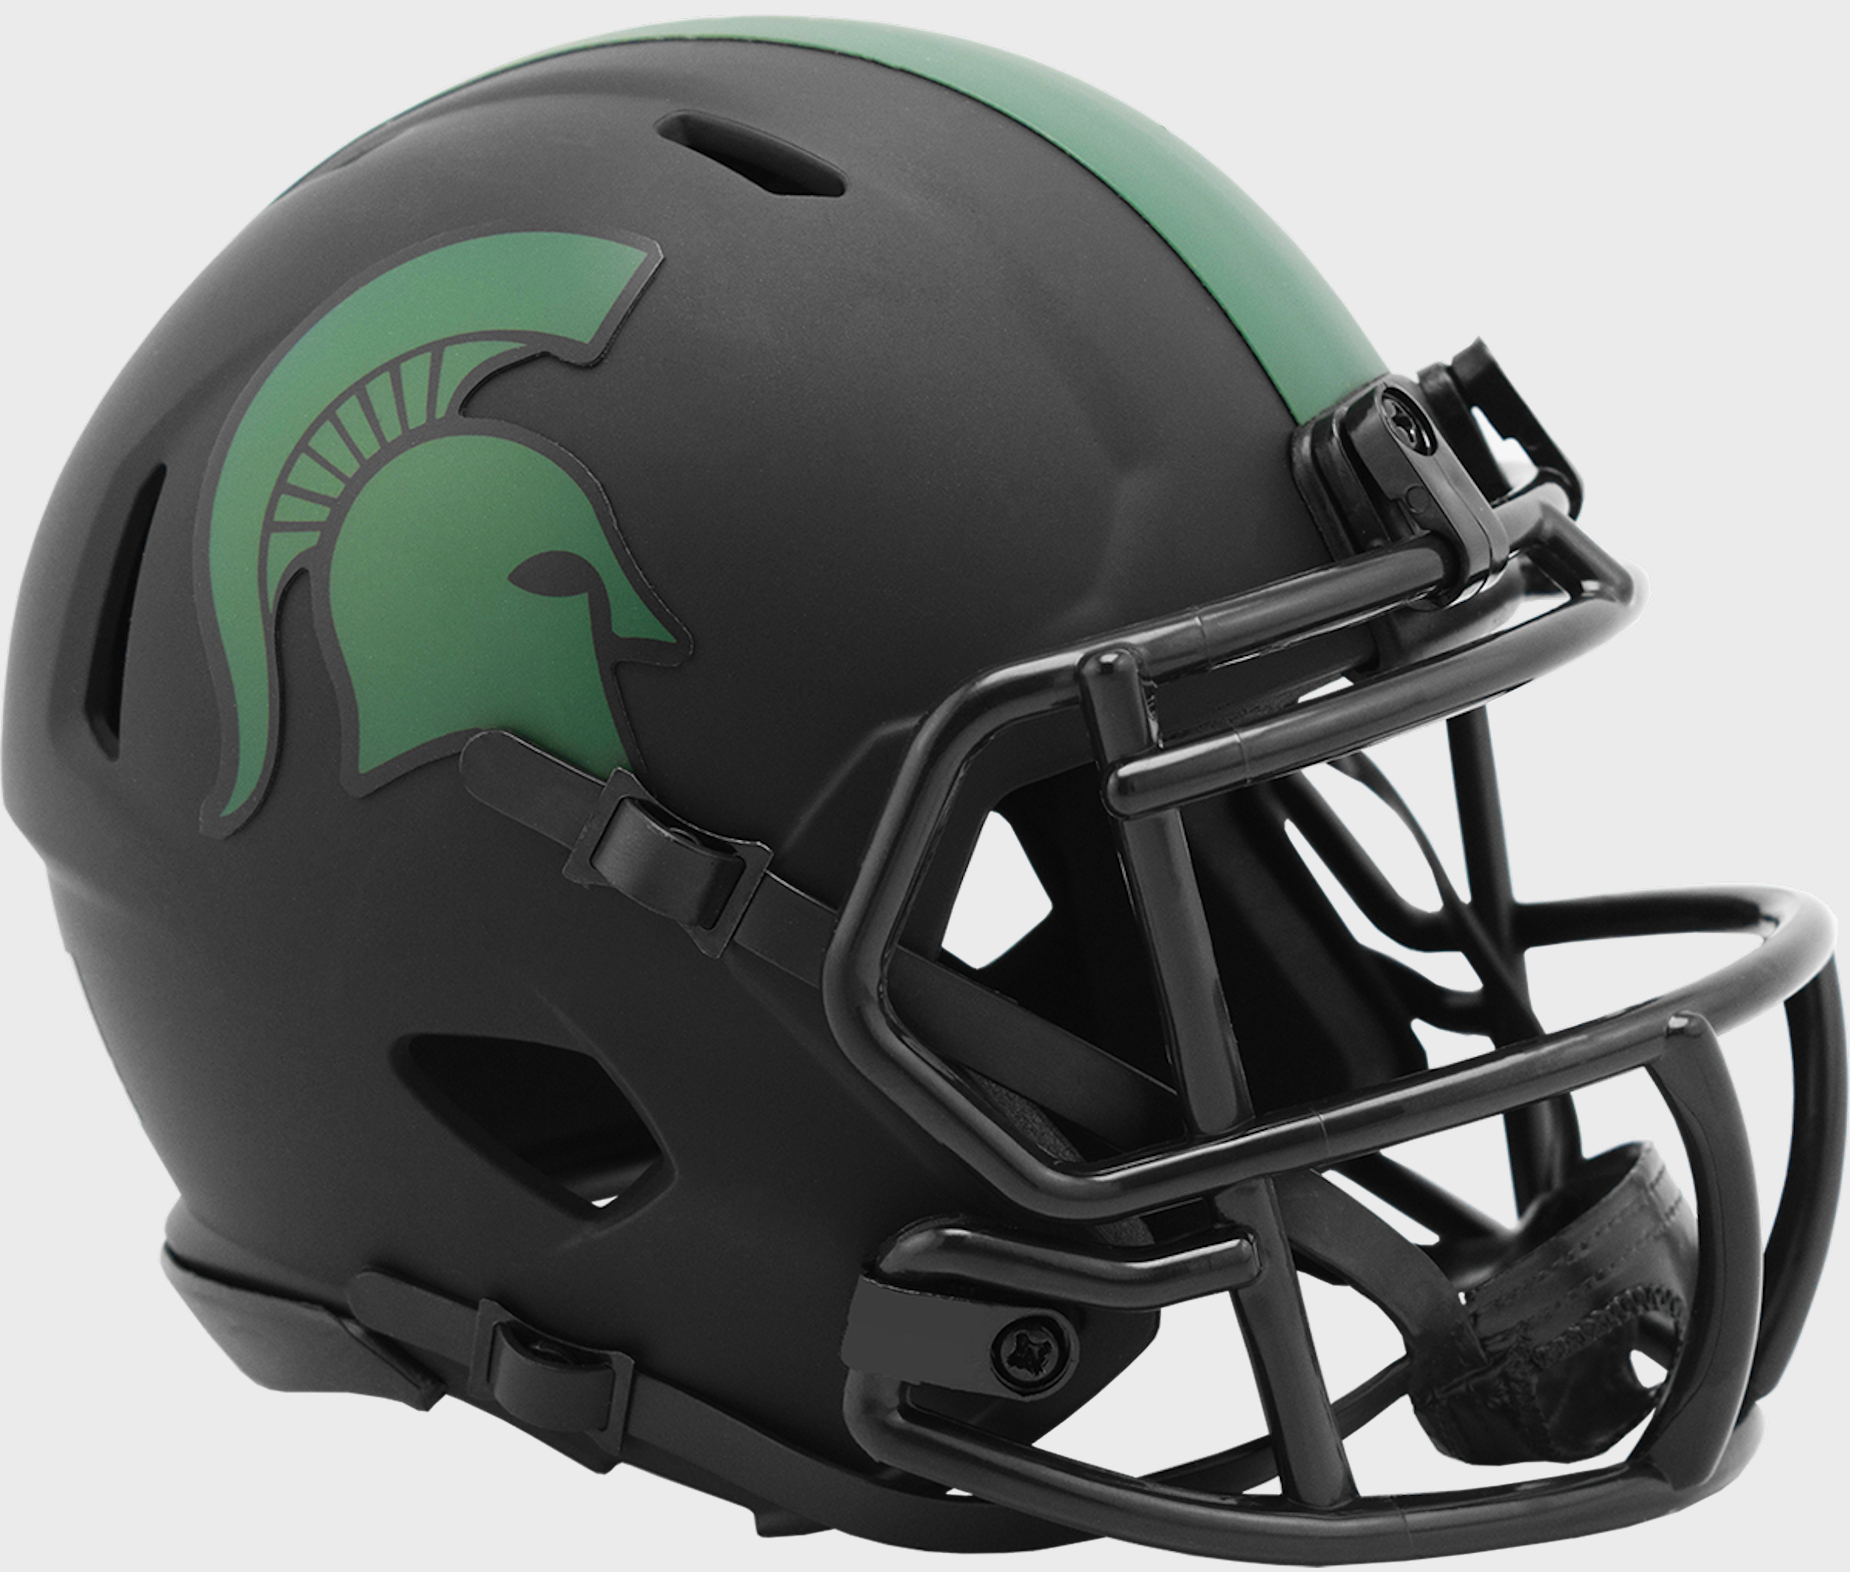 Michigan State Spartans Mini Speed Football Helmet <B>ECLIPSE</B>